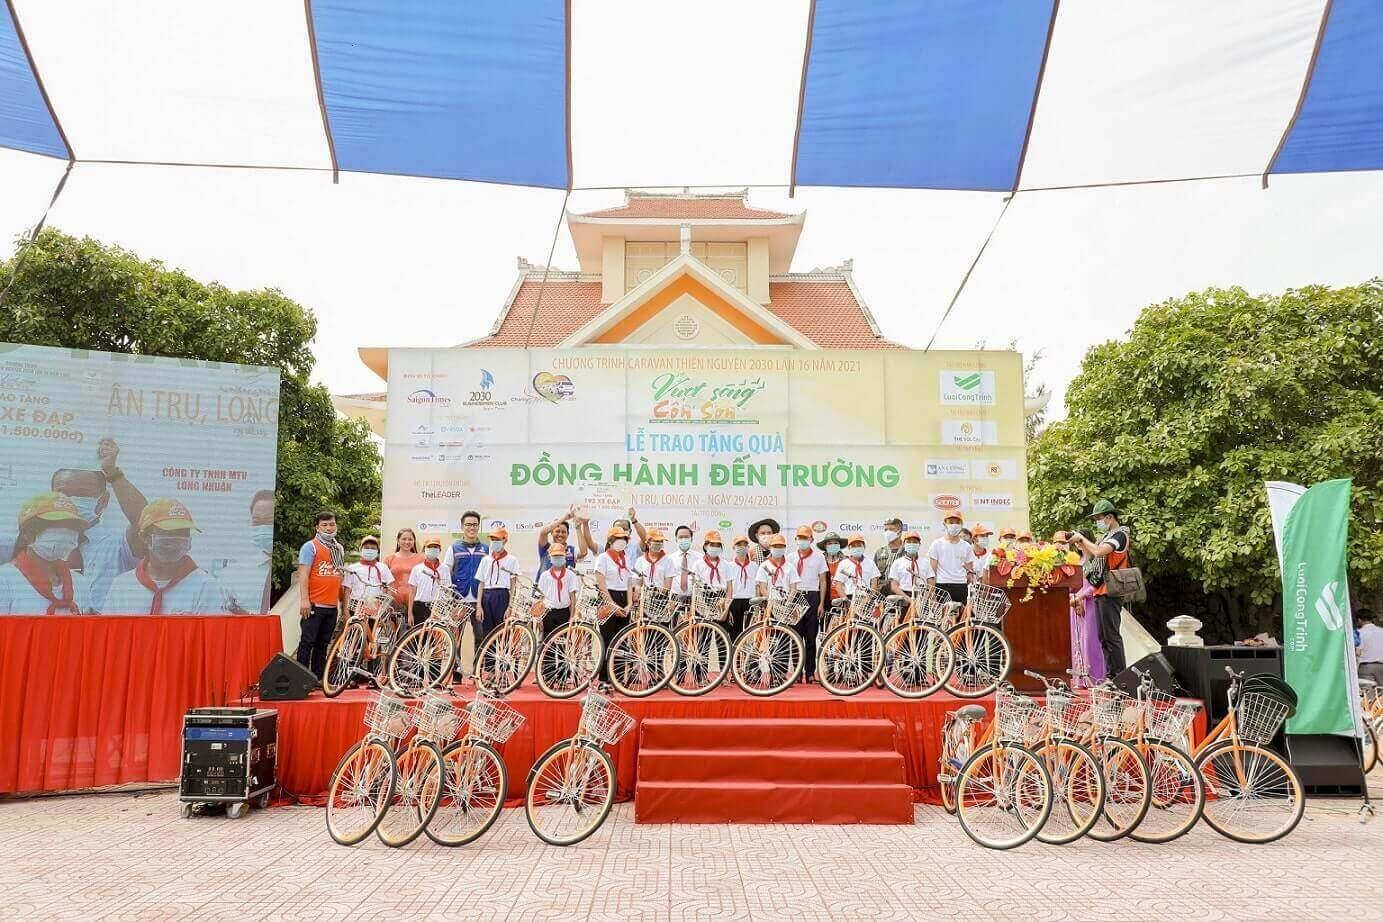 Doanh nhân Dương Long Thành và khát vọng xây dựng đất nước hùng cường